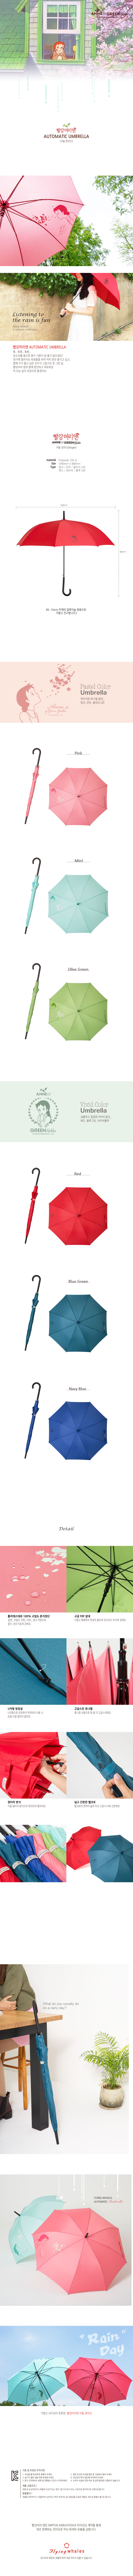 빨강머리앤 자동장우산 - 플라잉웨일즈, 21,000원, 우산, 자동장우산